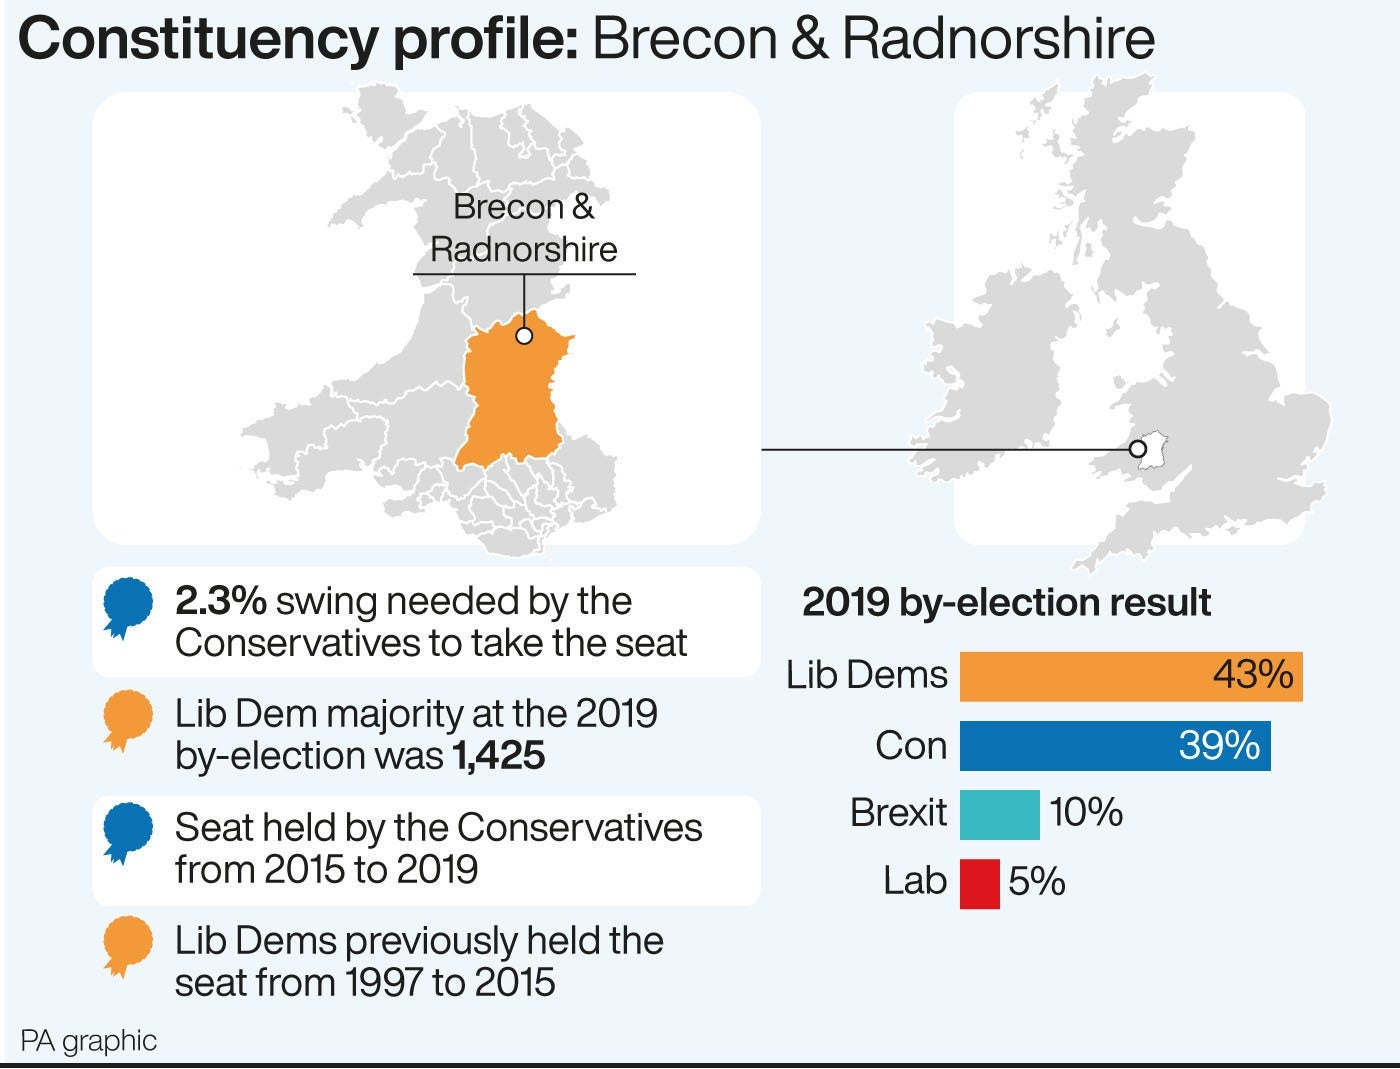 Brecon & Radnorshire